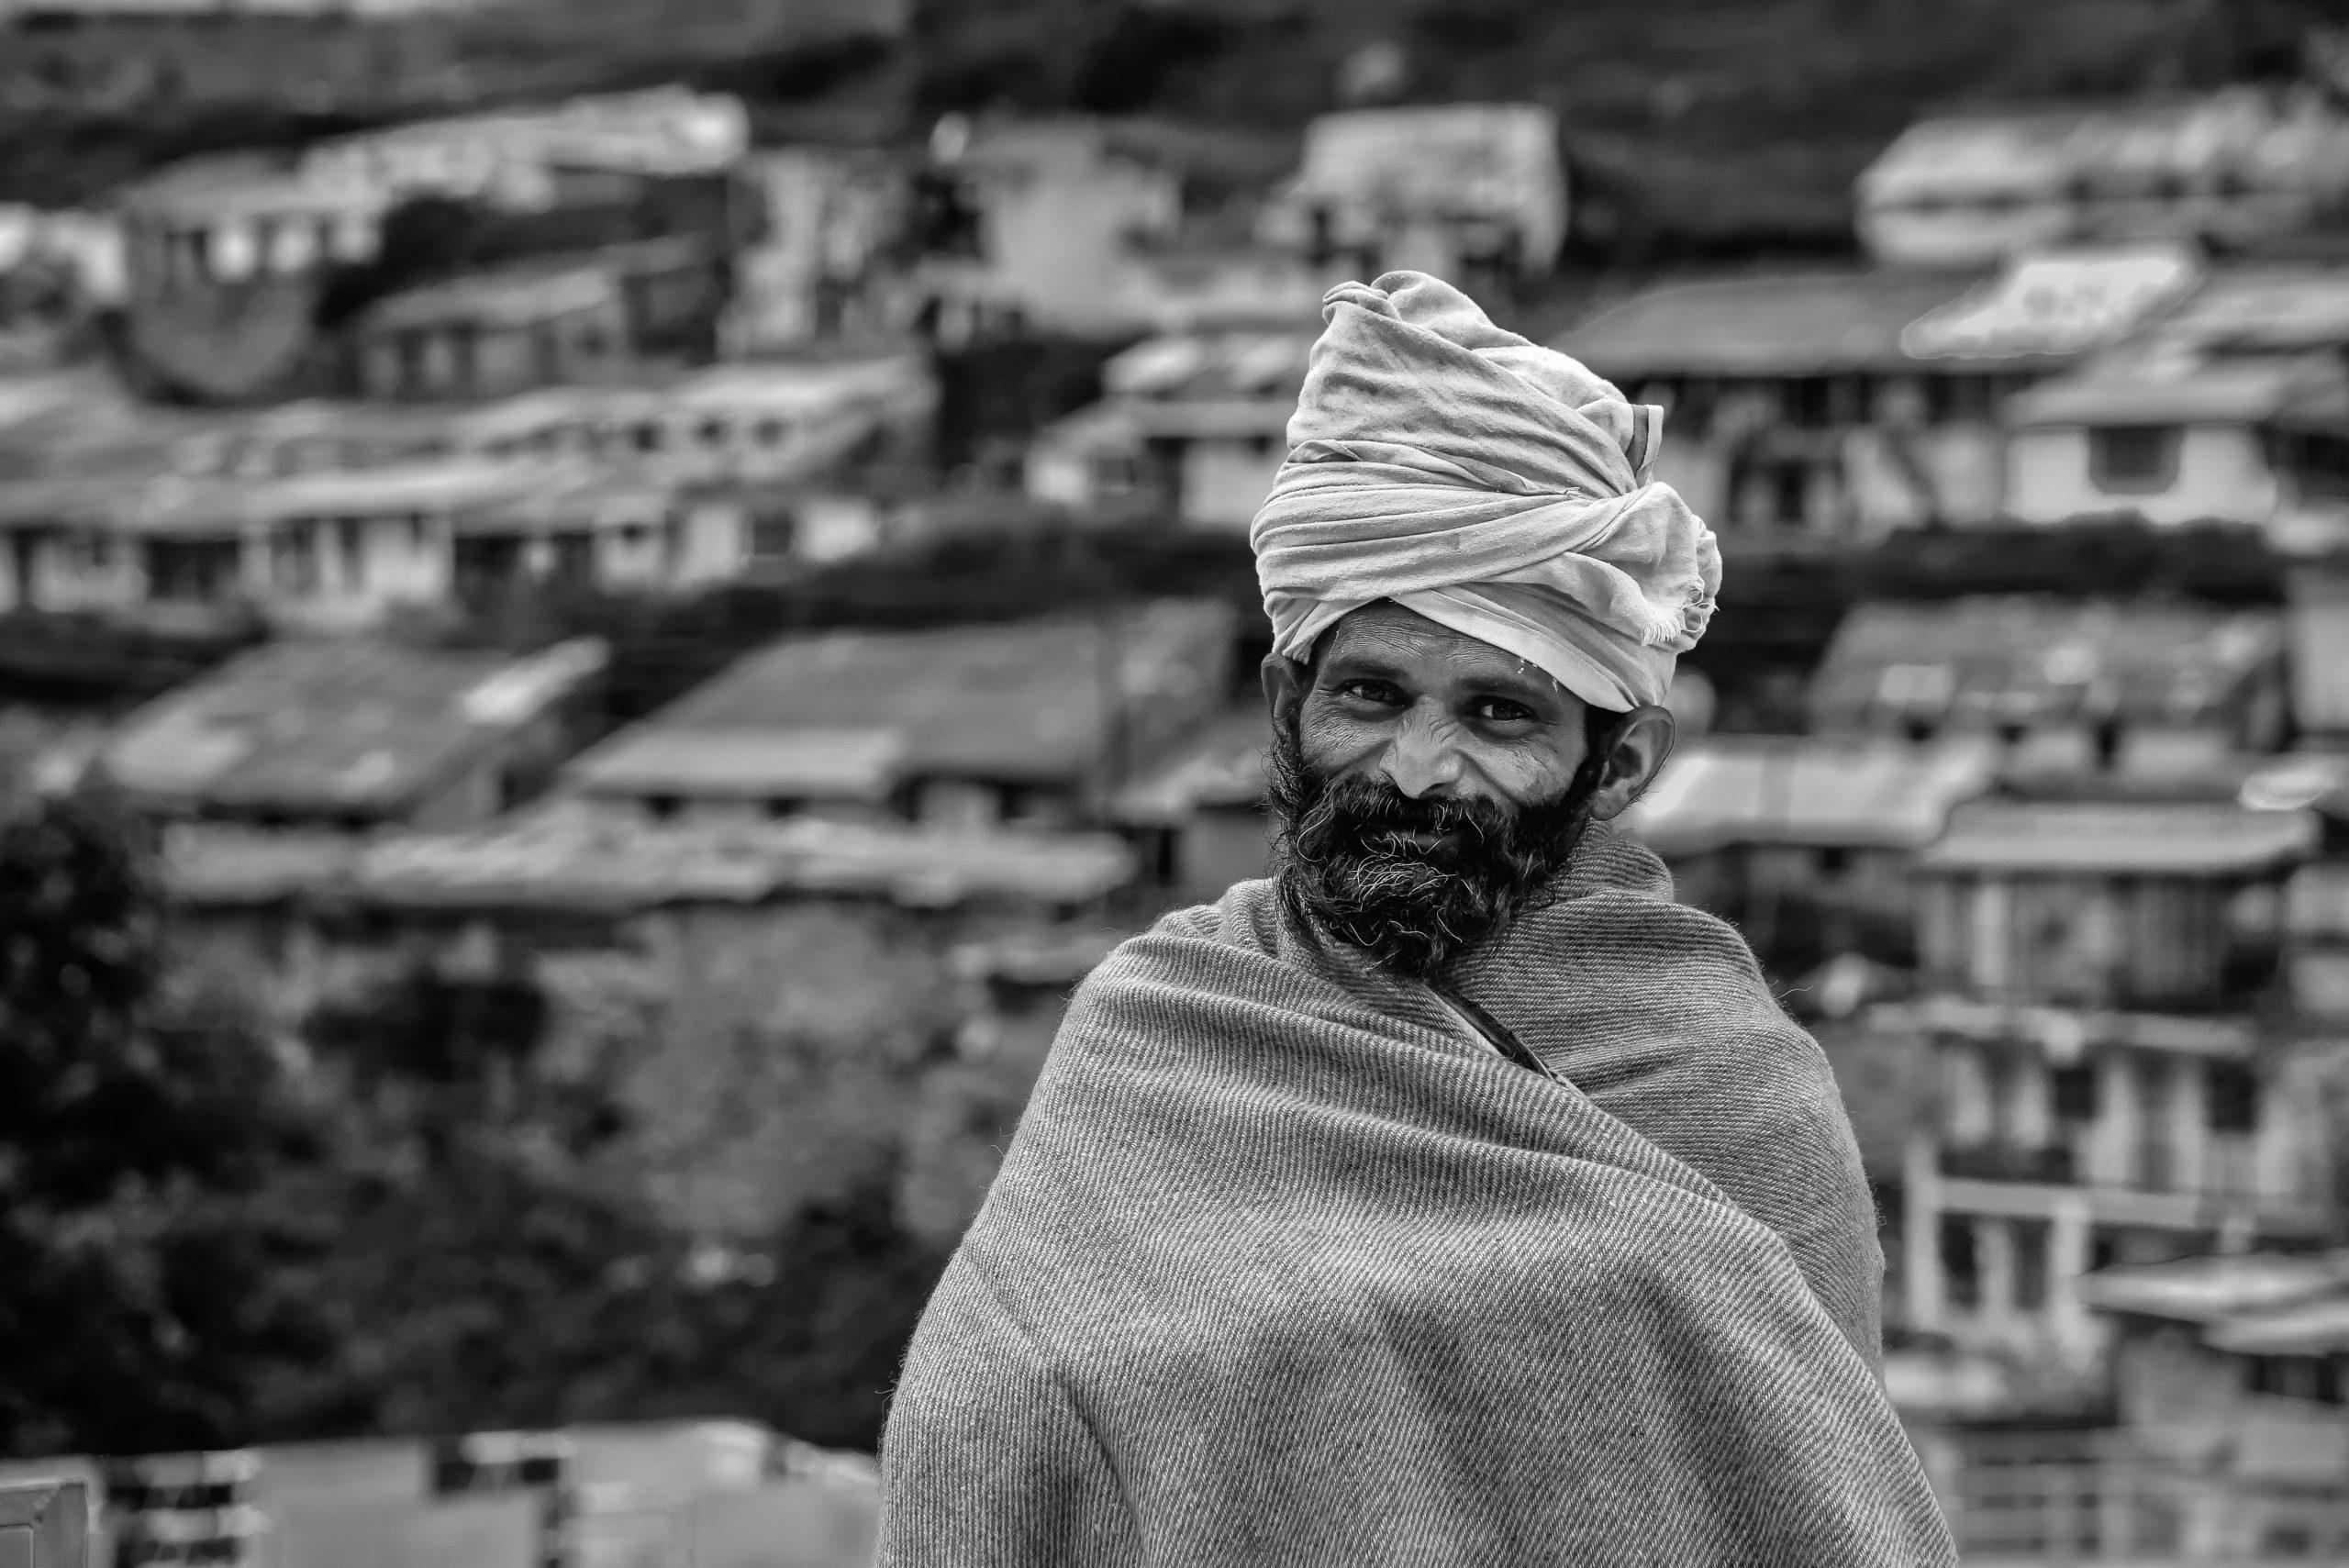 man with turban